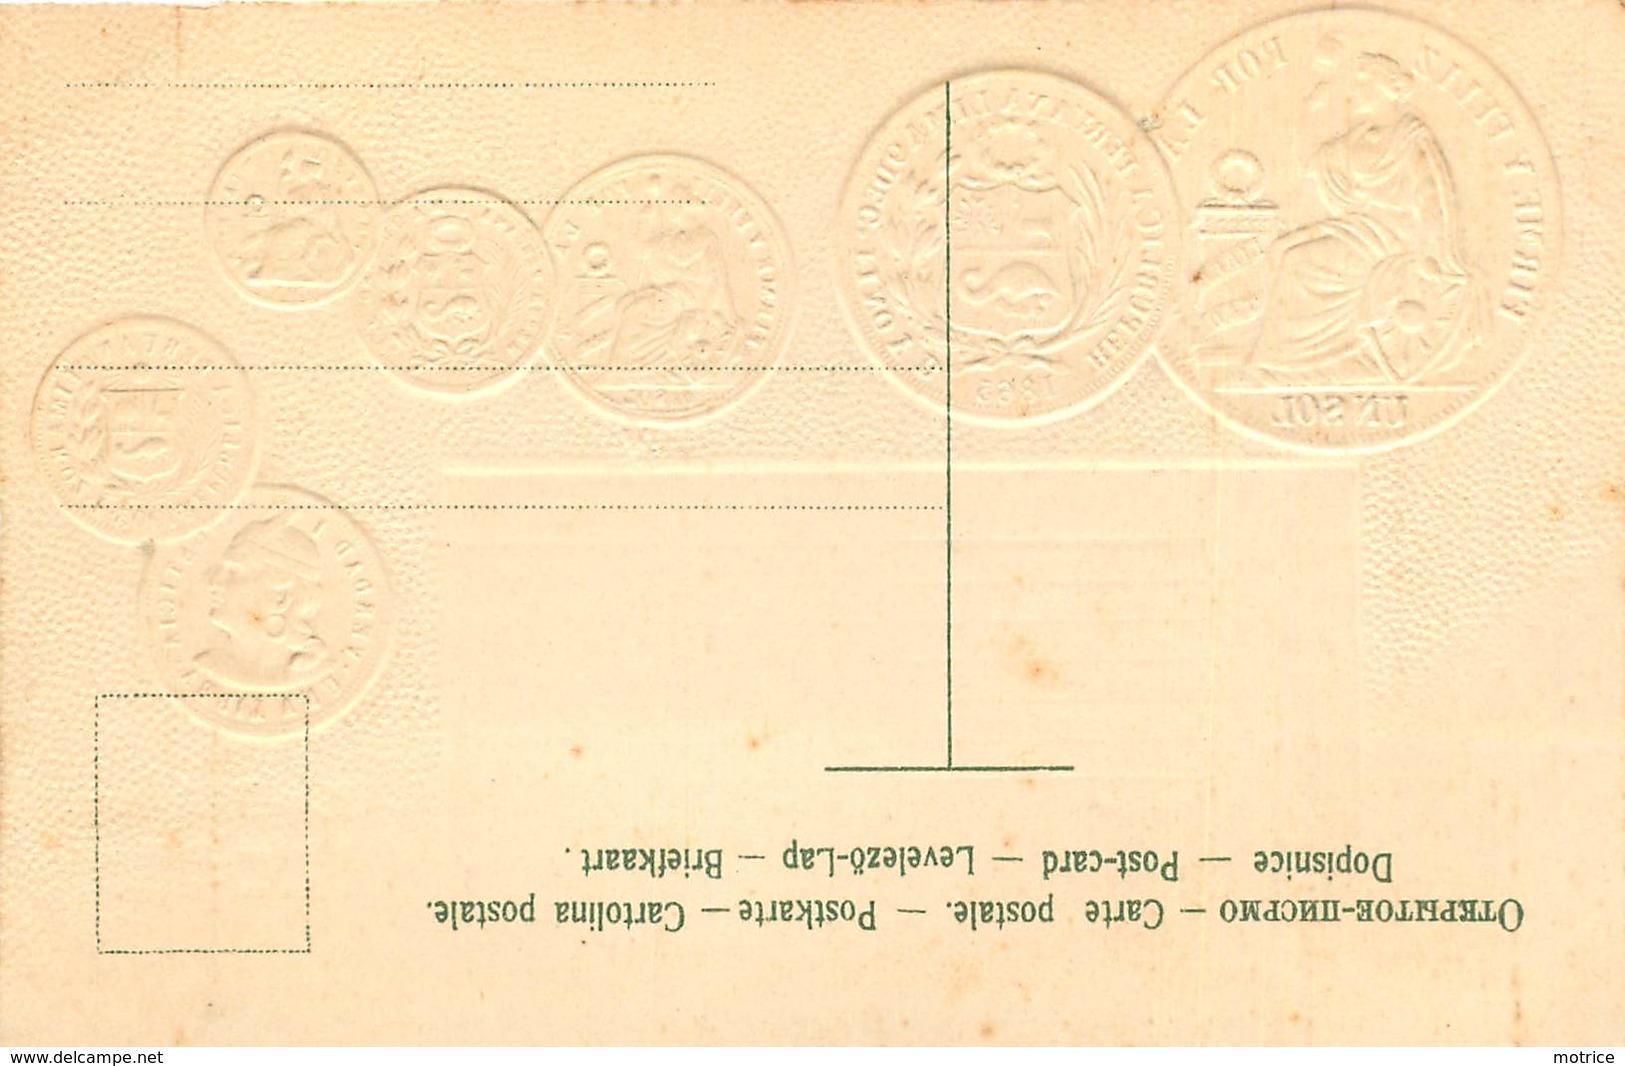 REPRÉSENTATION DES MONNAIES - Le Pérou Carte Illustrée Gaufrée - Peru